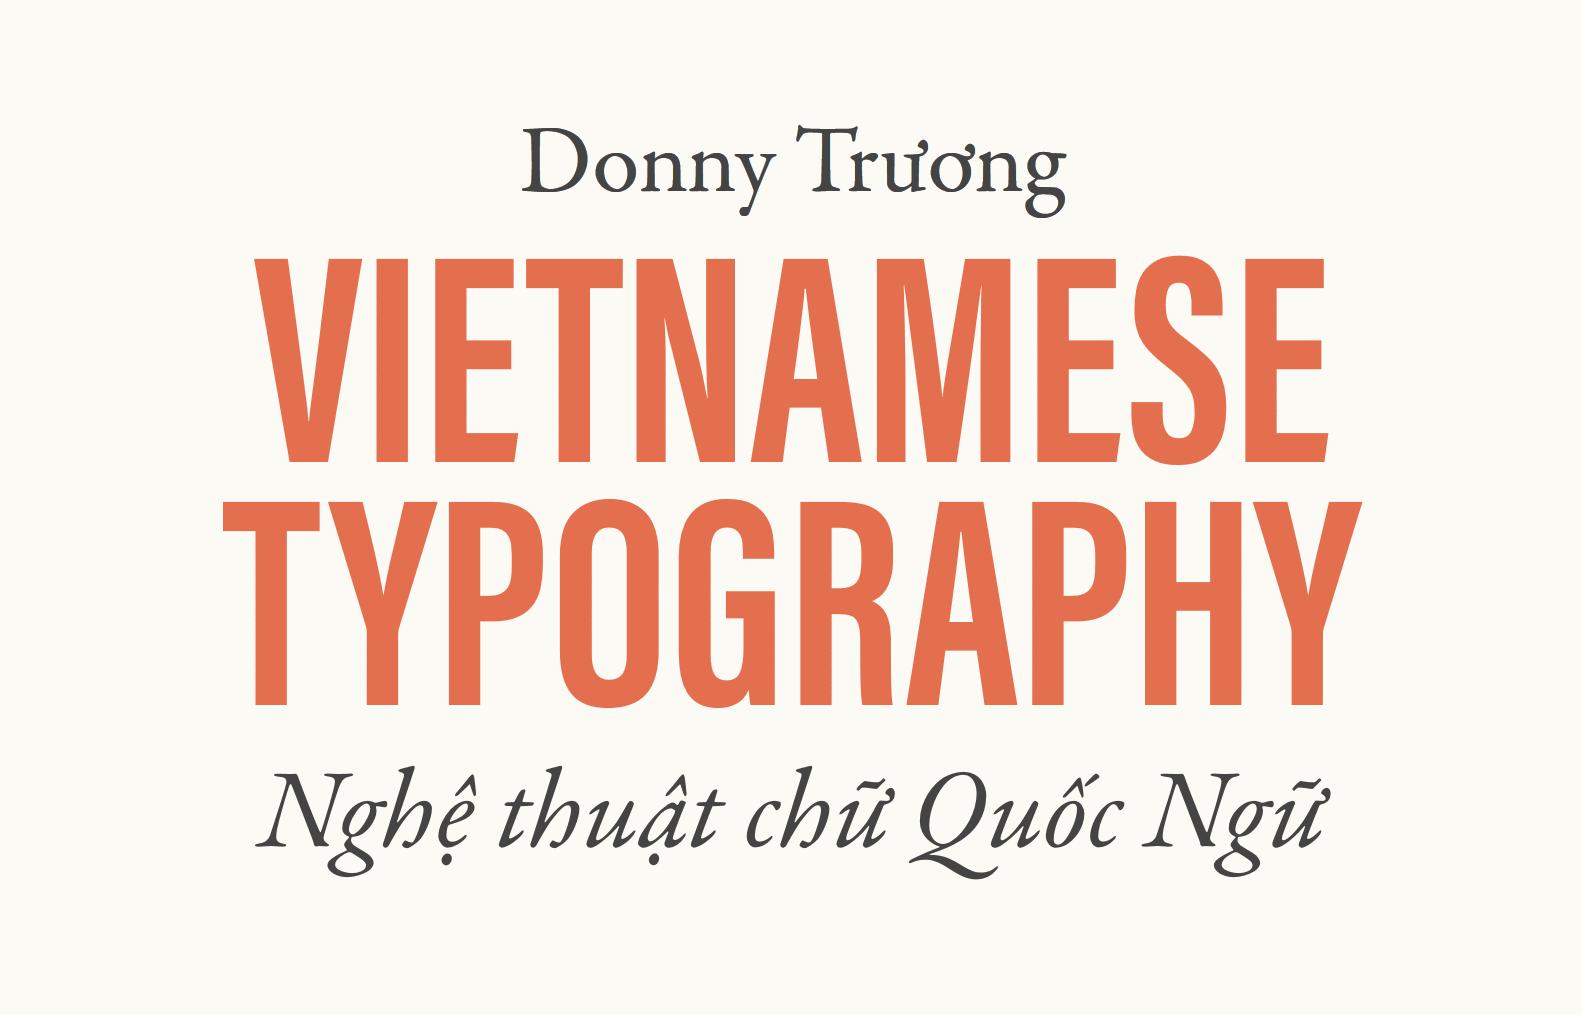 Vietnamese Typography